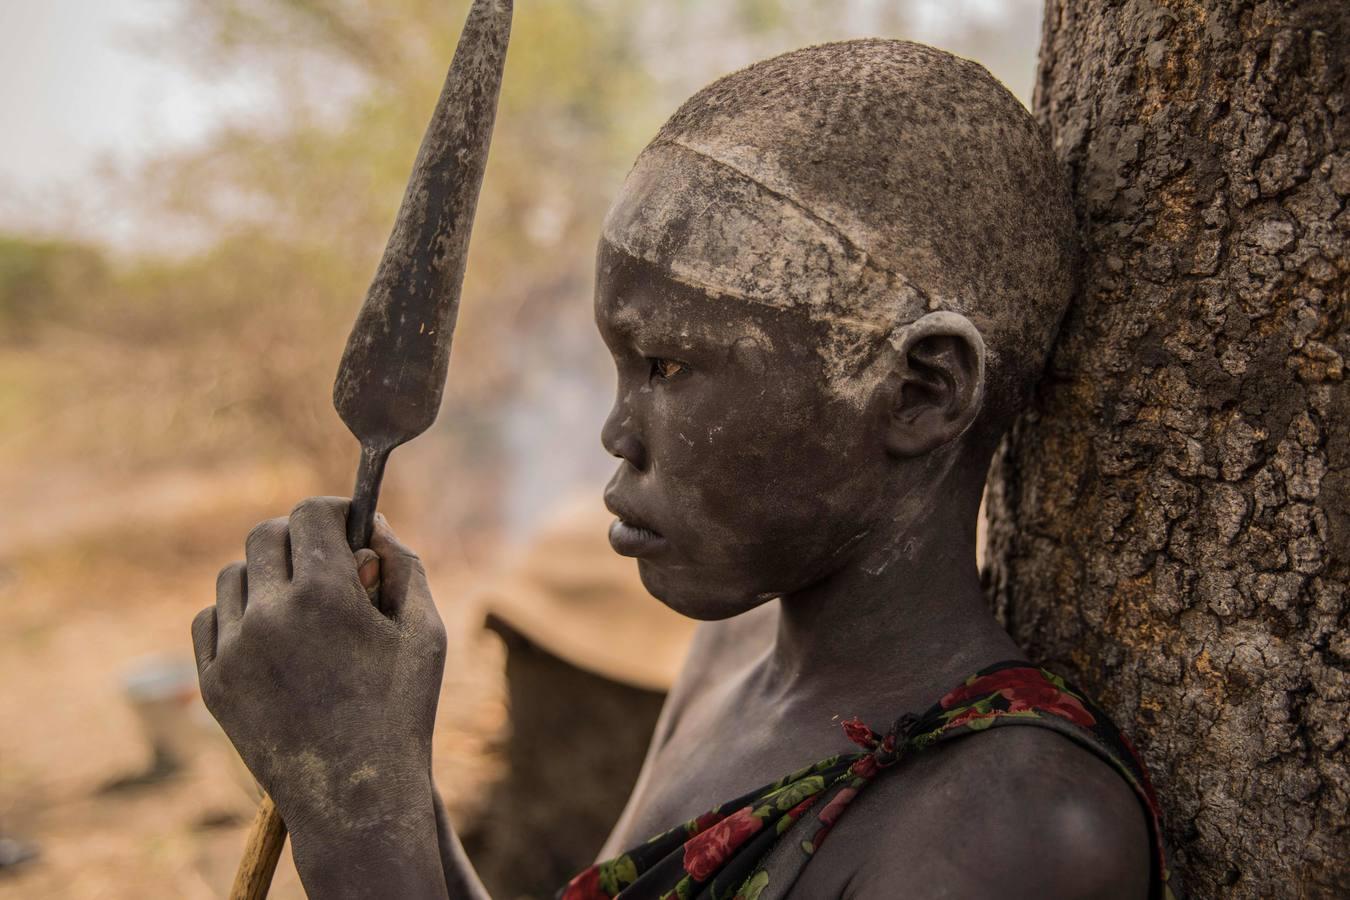 La tribu Dinka de Sudán